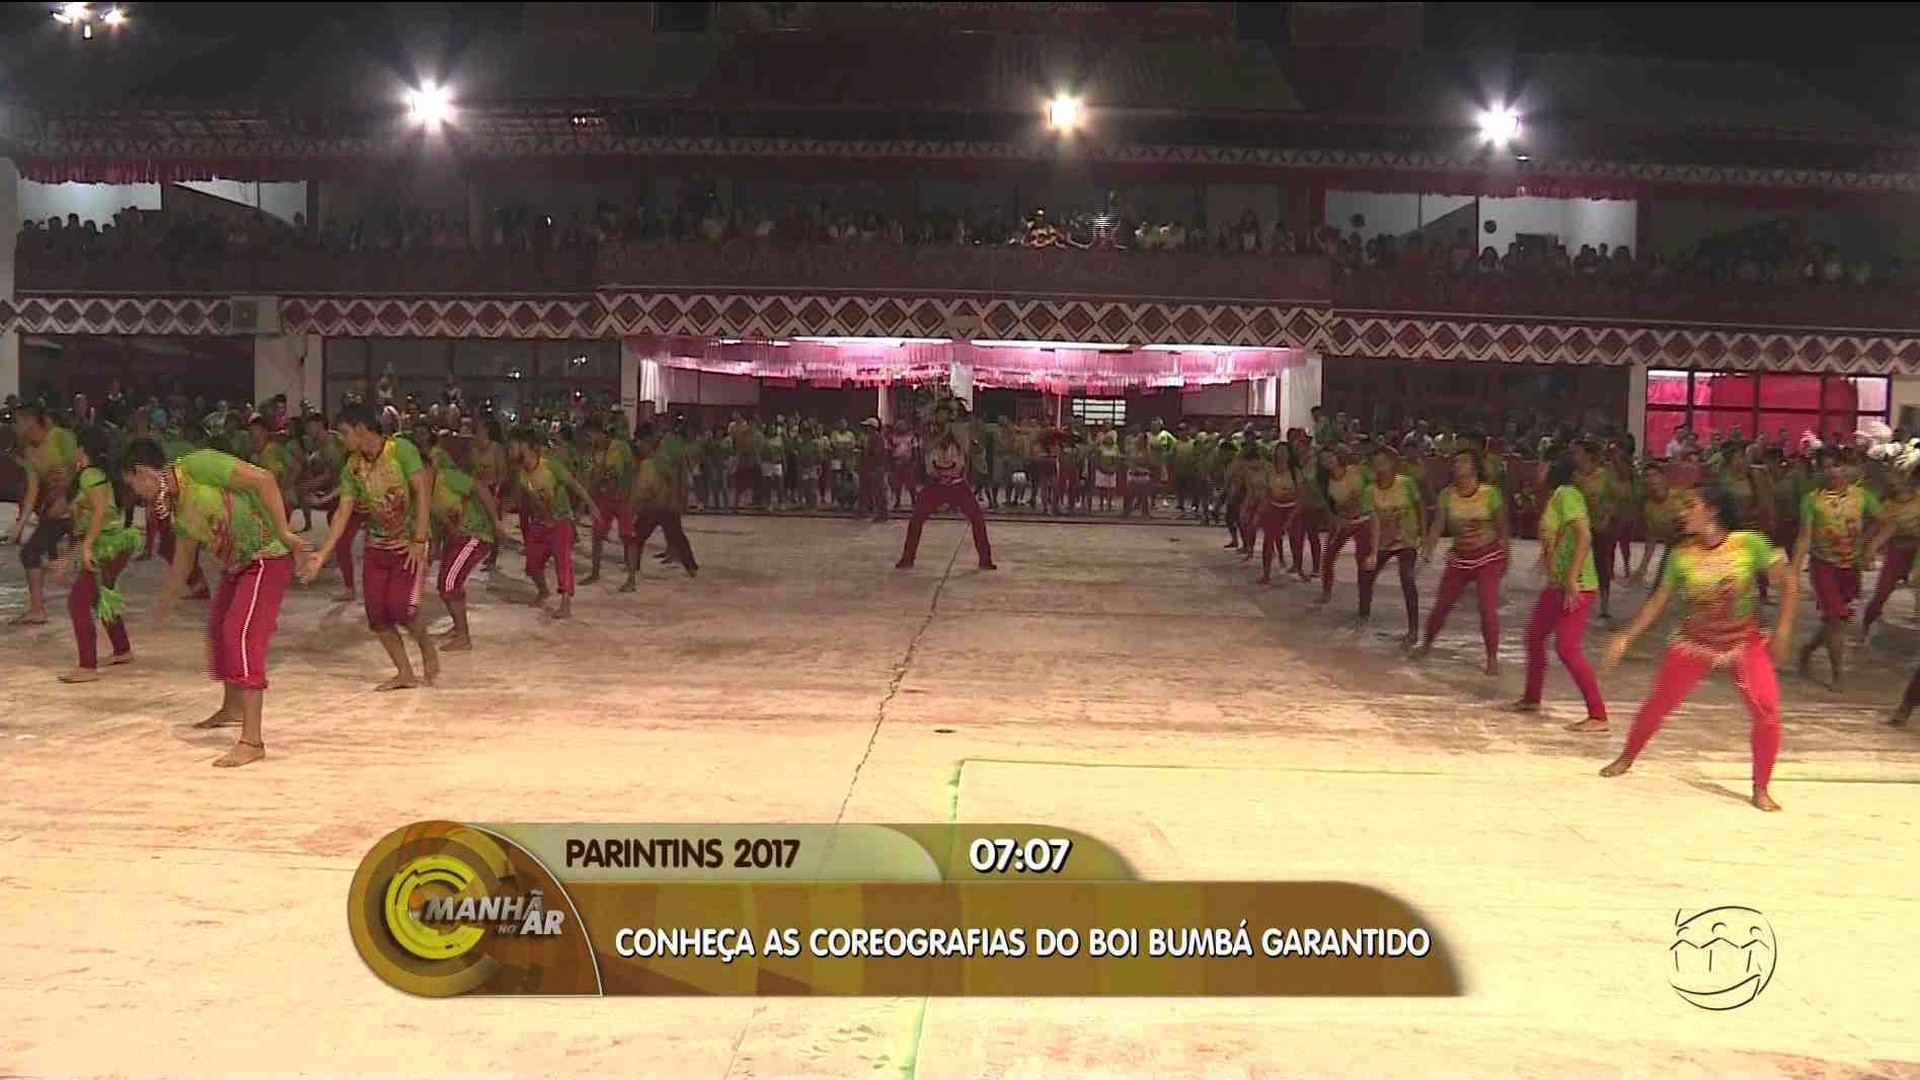 CONHEÇA AS COREOGRAFIAS DO BOI GARANTIDO - Manhã no Ar 27/06/17 - A Crítica na TV 27/06/2017